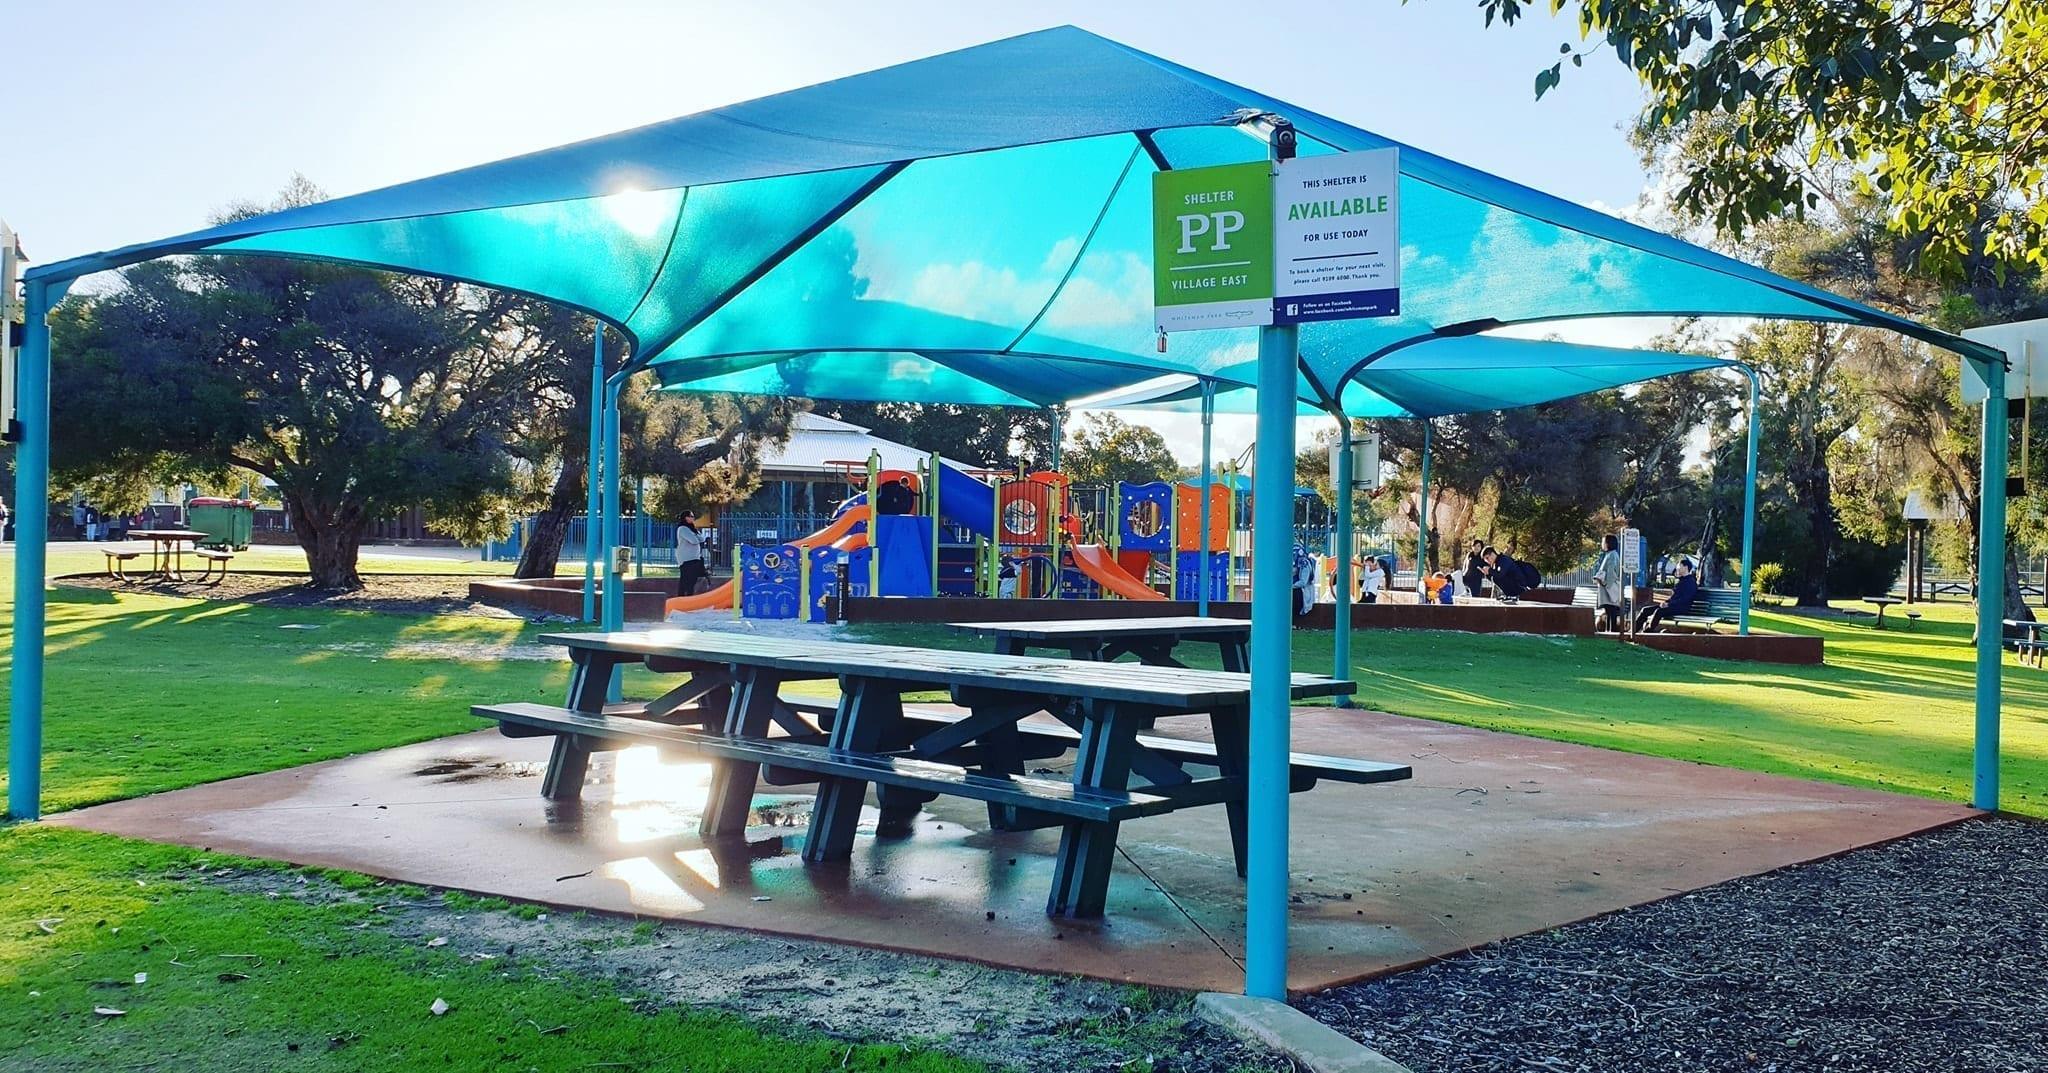 Village East Playground, Whiteman Park